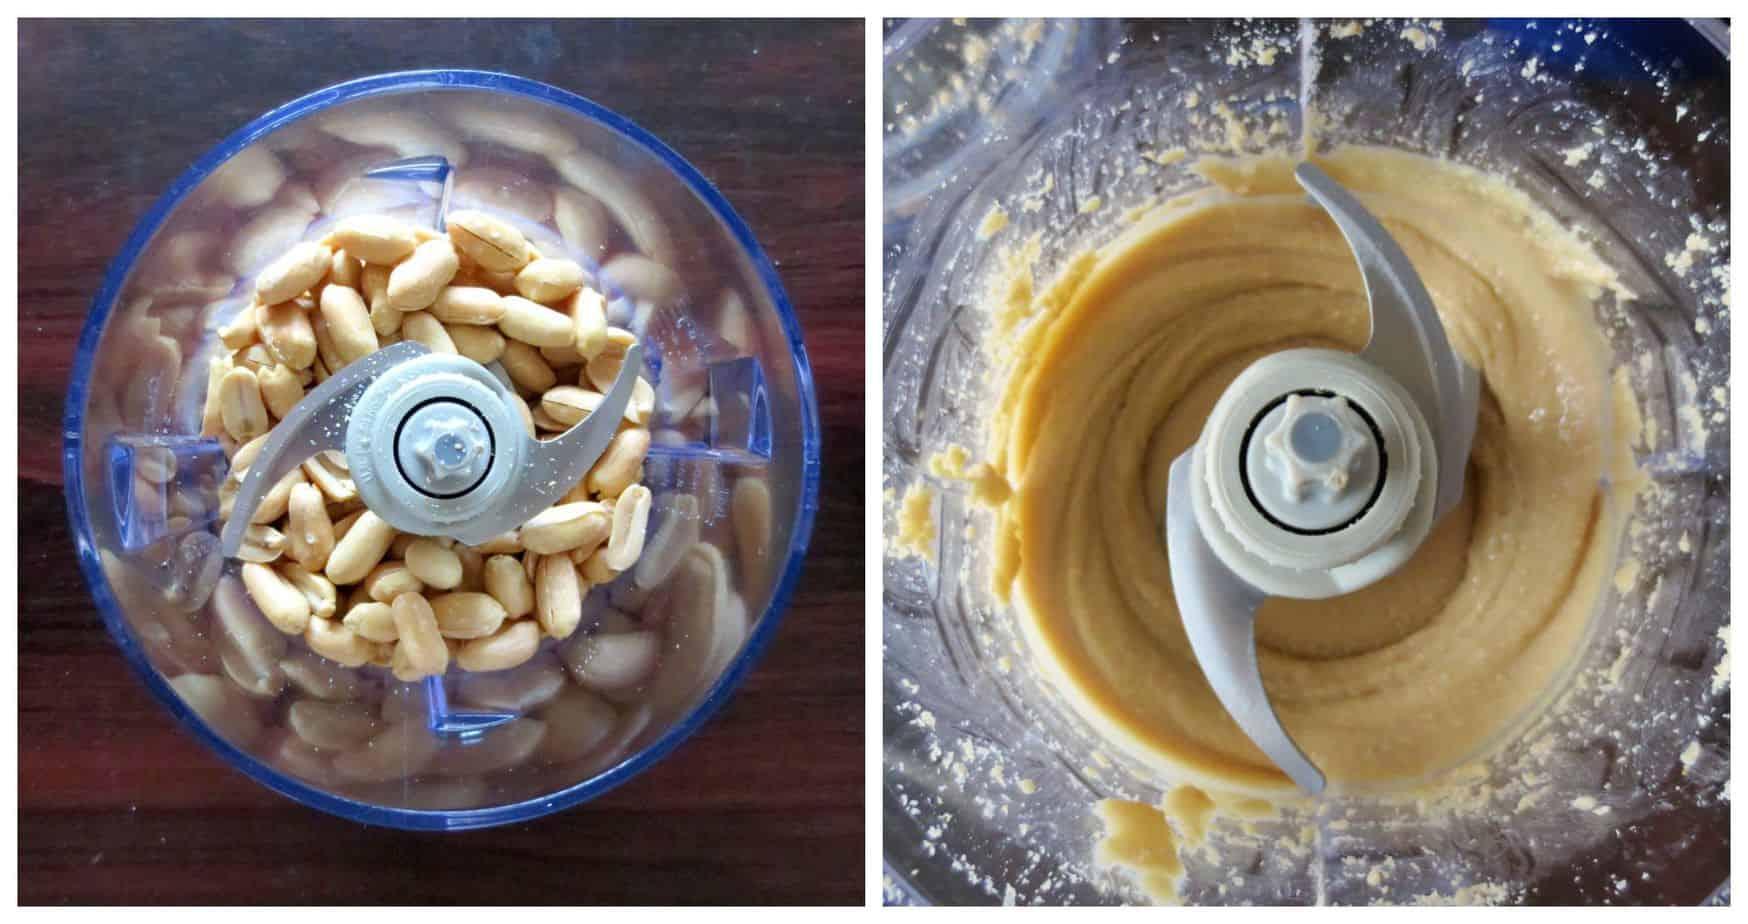 Peanuts make Peanut Butter